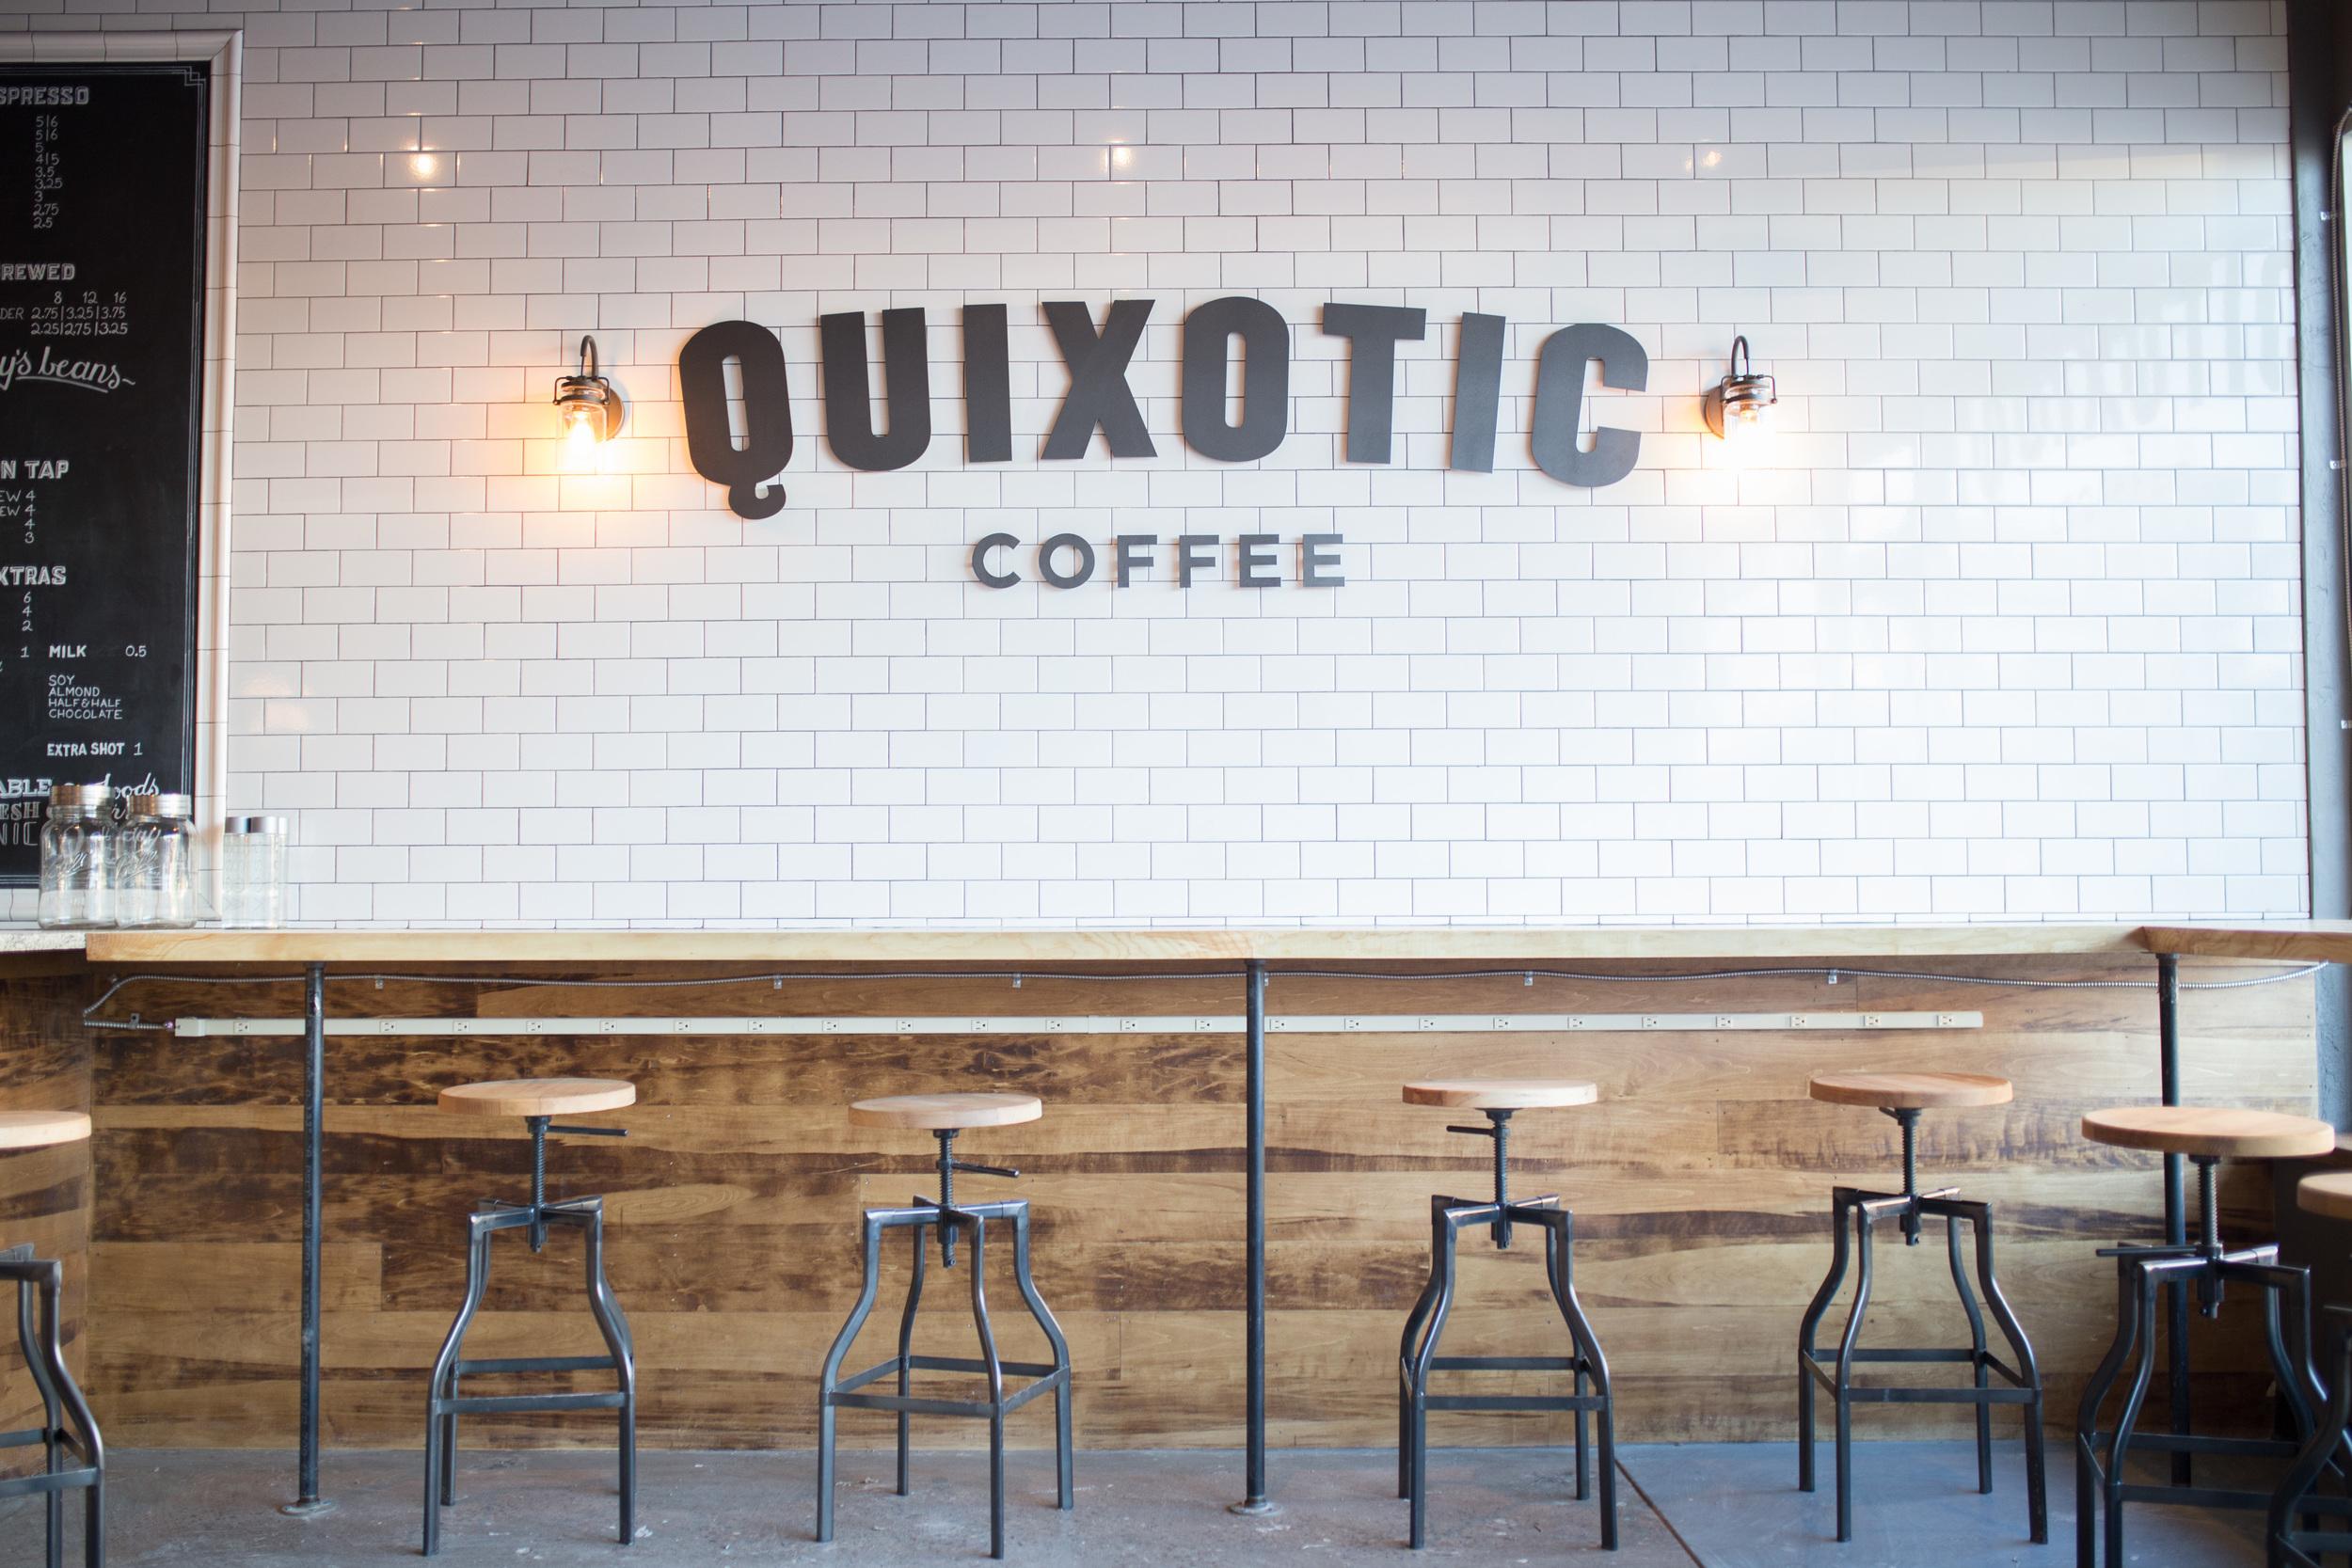 Quixotic Coffee